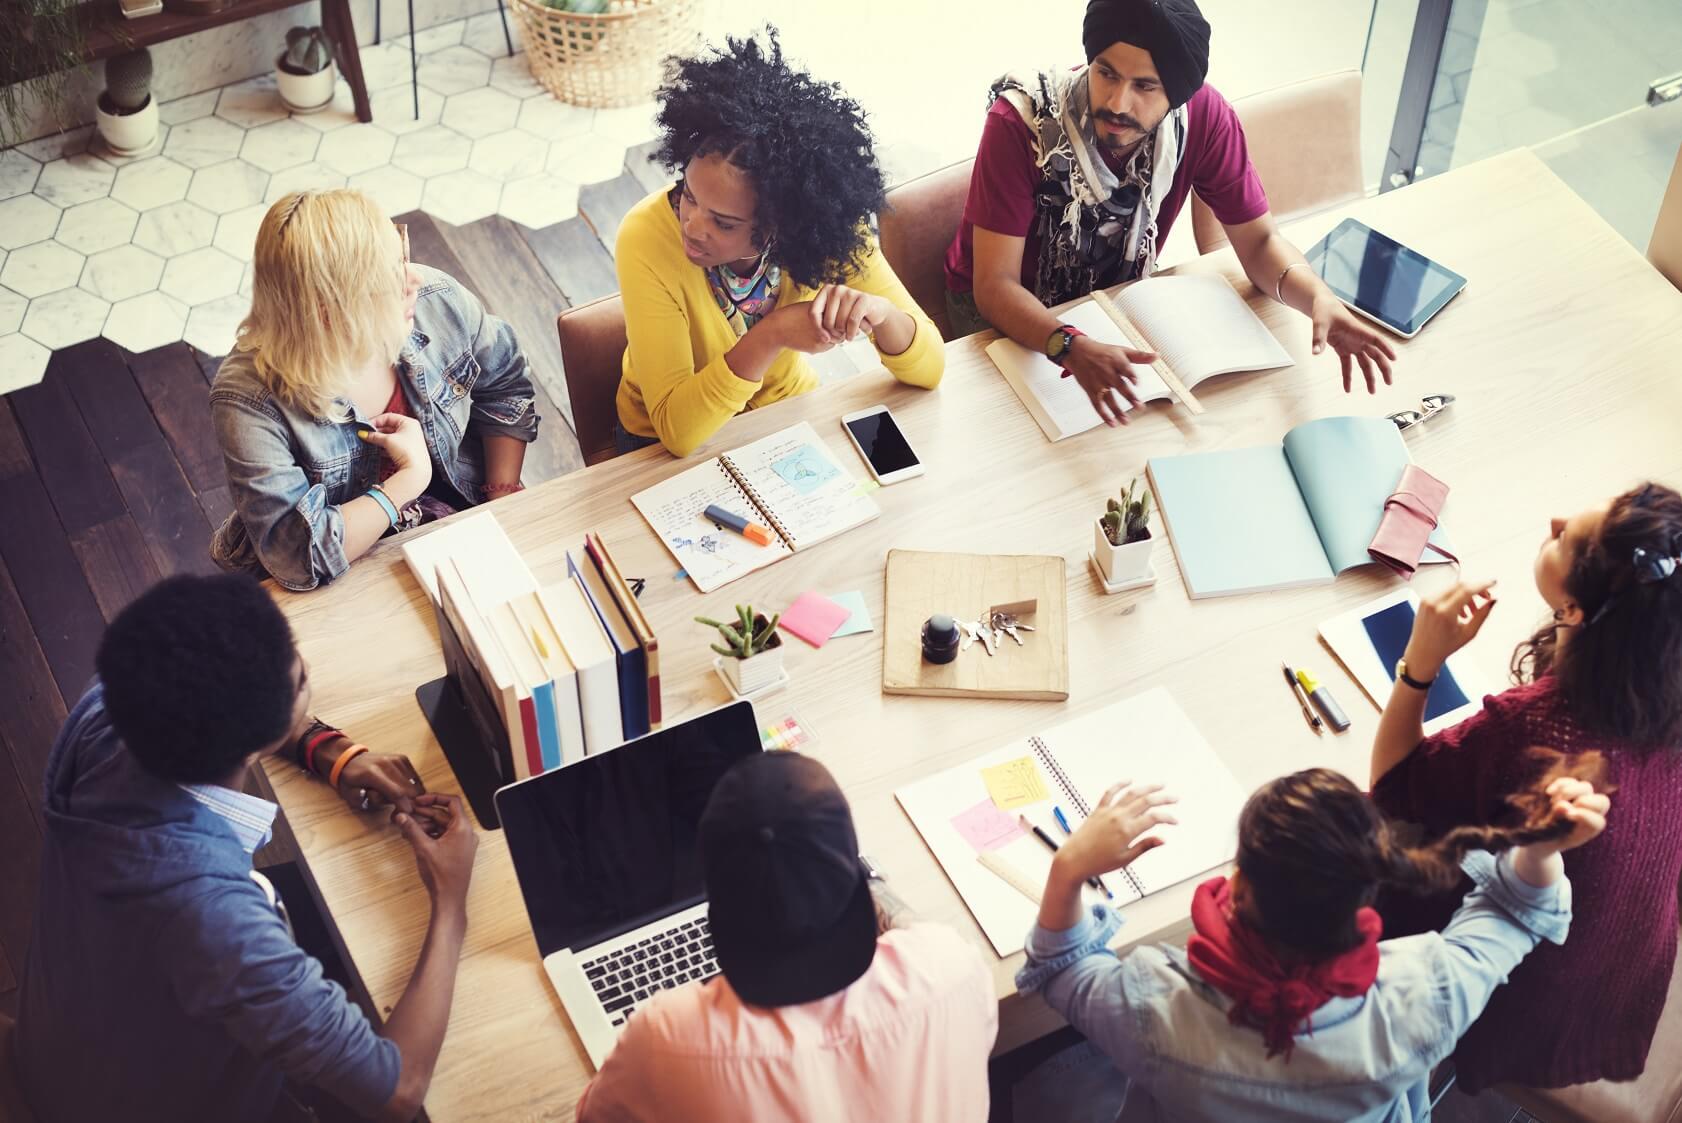 Trucs & Astuces - Communication d'équipe